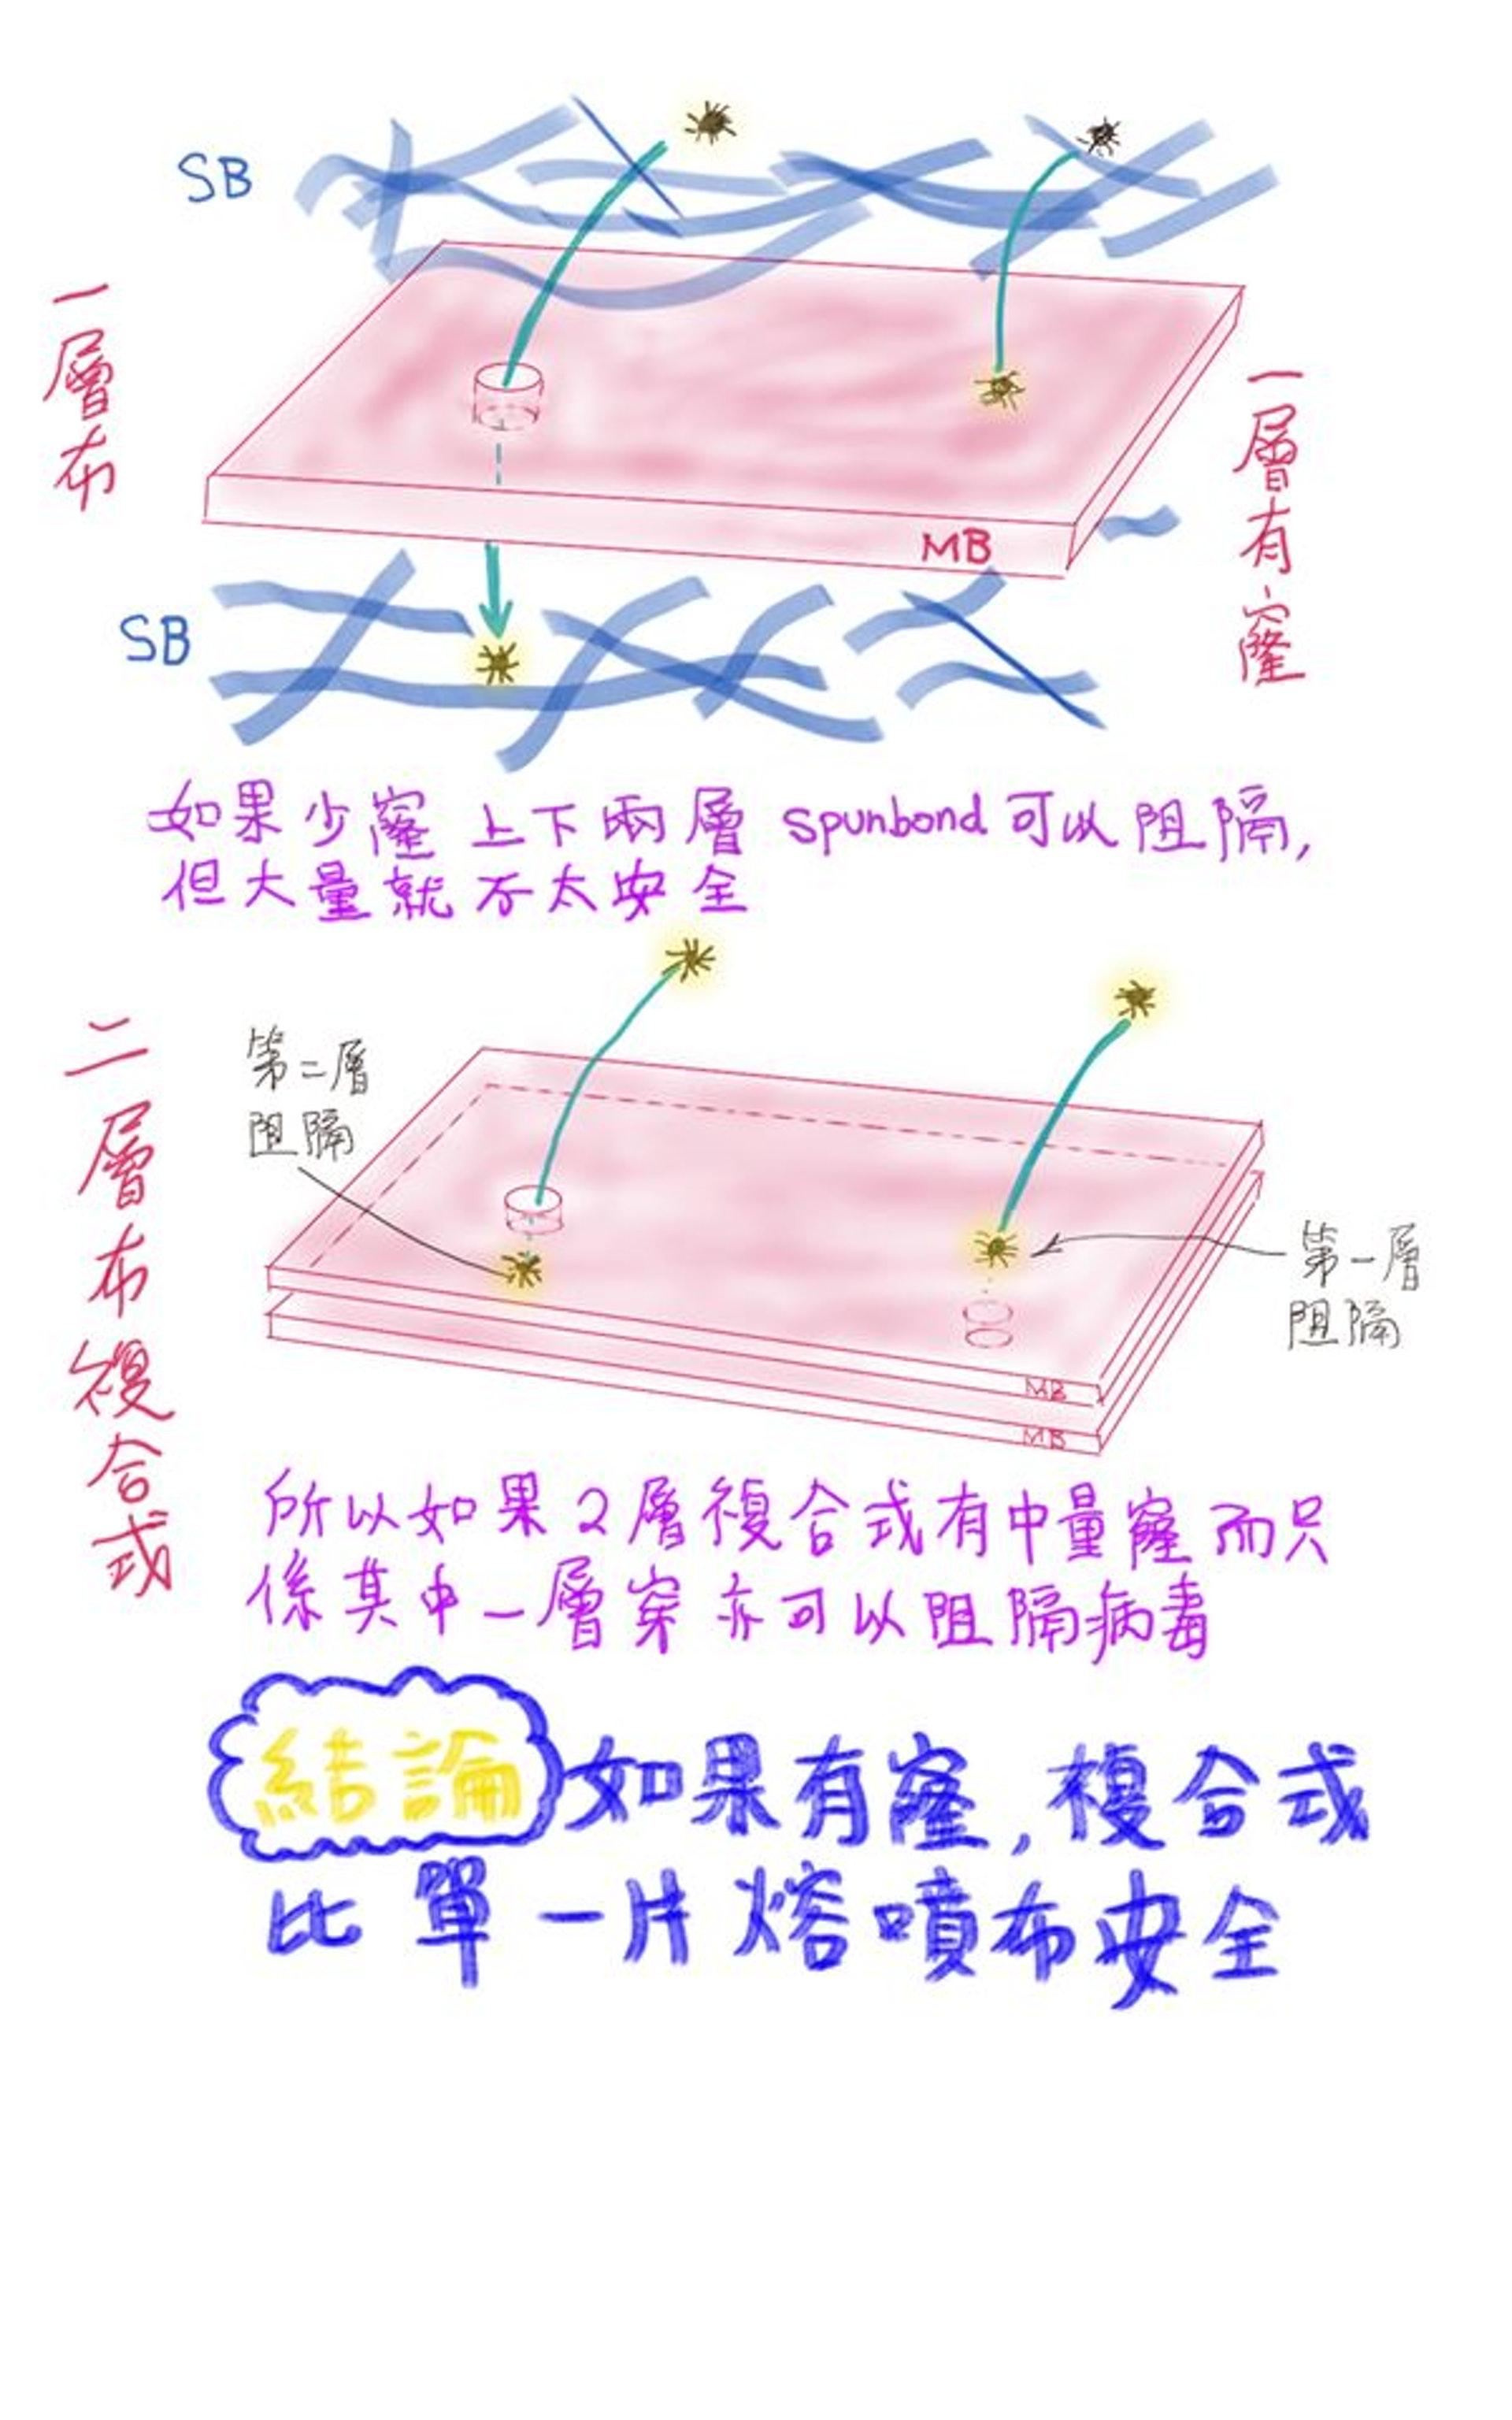 簡單圖片解說2種焙噴布(圖片來源:K Kwong FB)